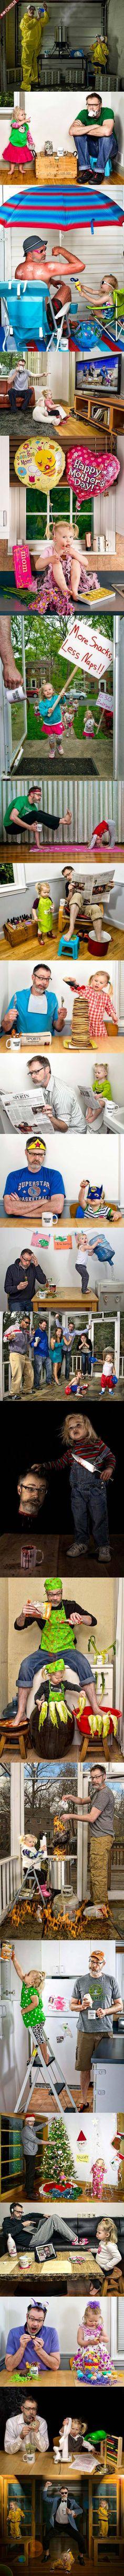 Voici la seconde série de photos de Dave Engledow sur le thème World's Best Father où il réalise des mises en scène avec sa fille complétement déjantées s'inspirant par exemple…